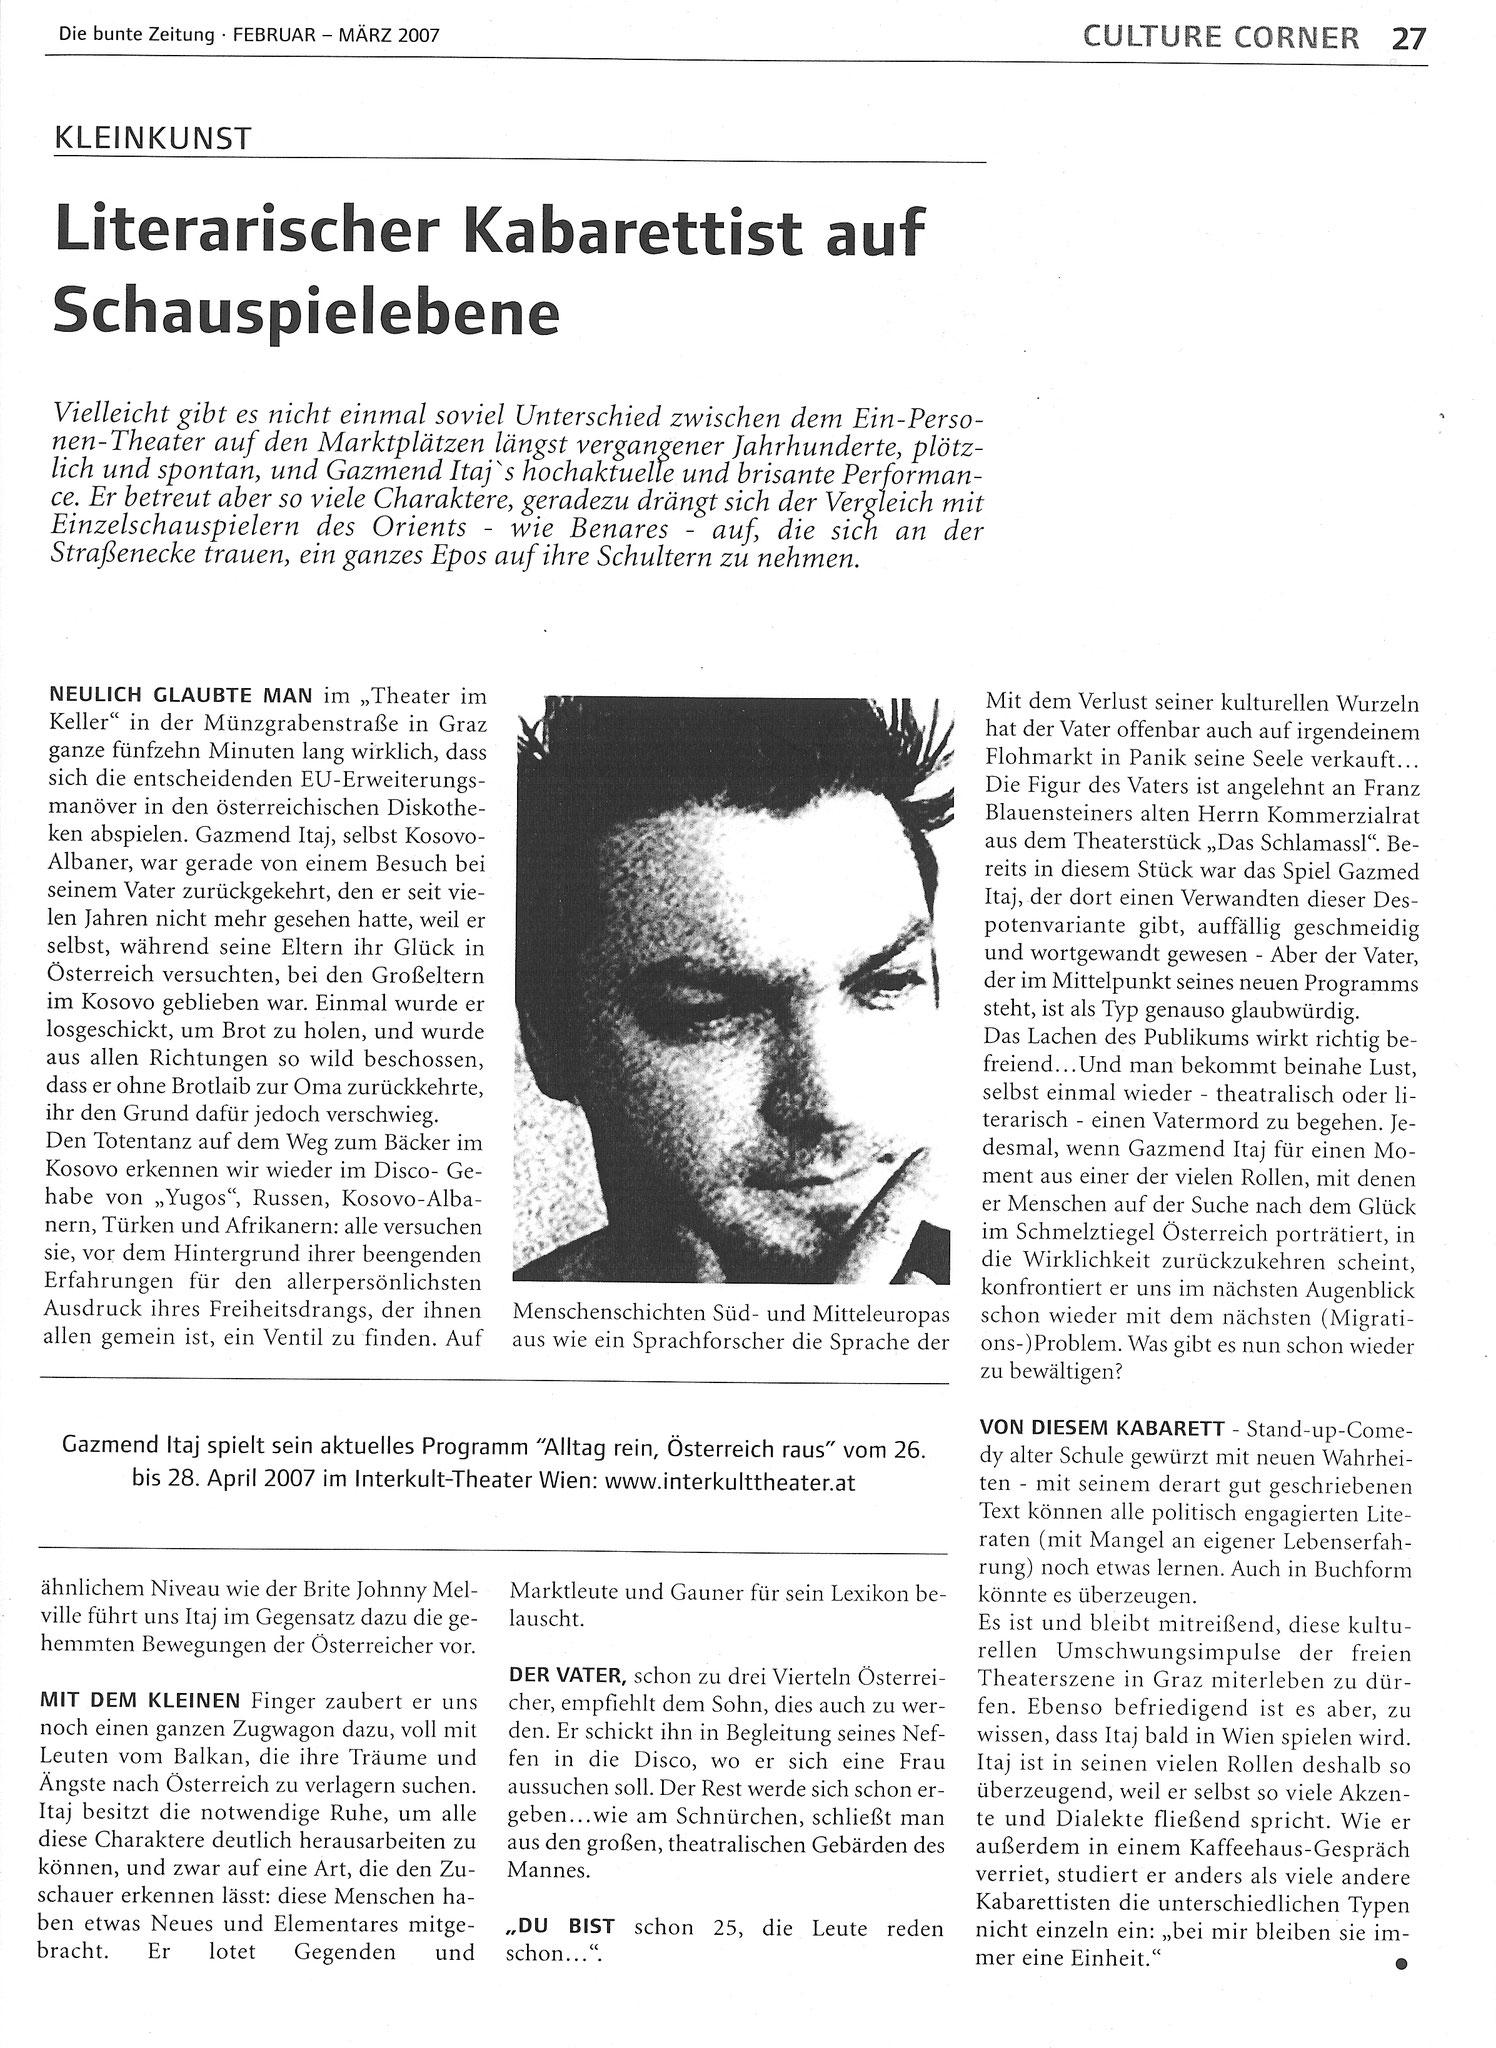 Die bunte Zeitung Wien